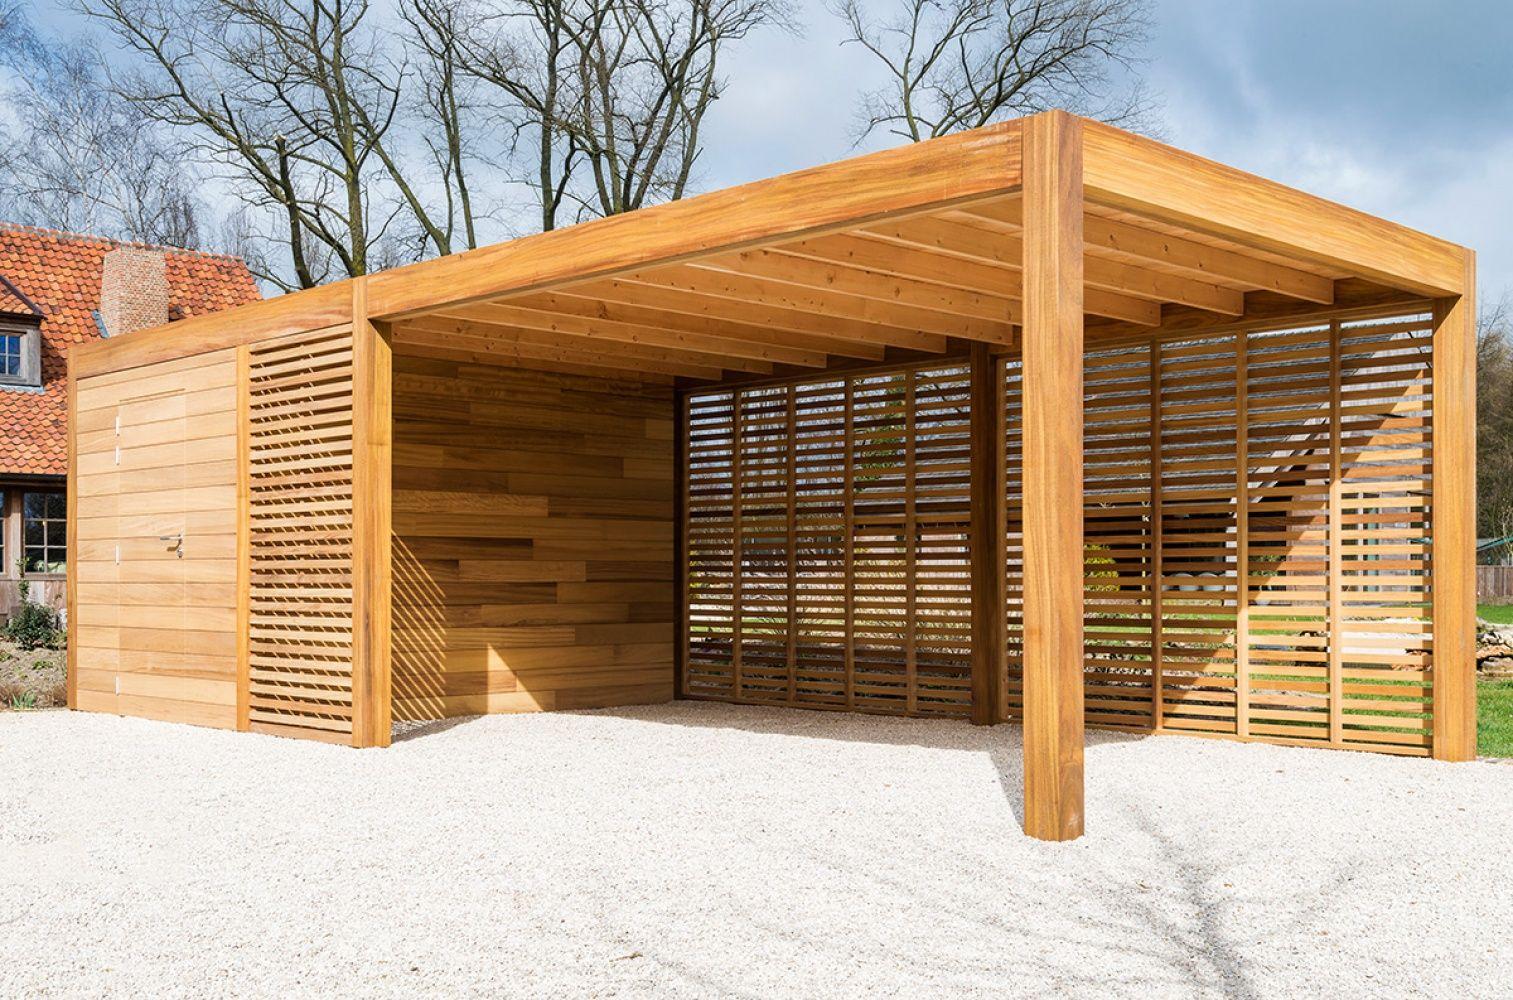 carport of garage in hout met berging of fietsstalling woodstar producten op maat tuinhuizen poolhoouses carports woodstar